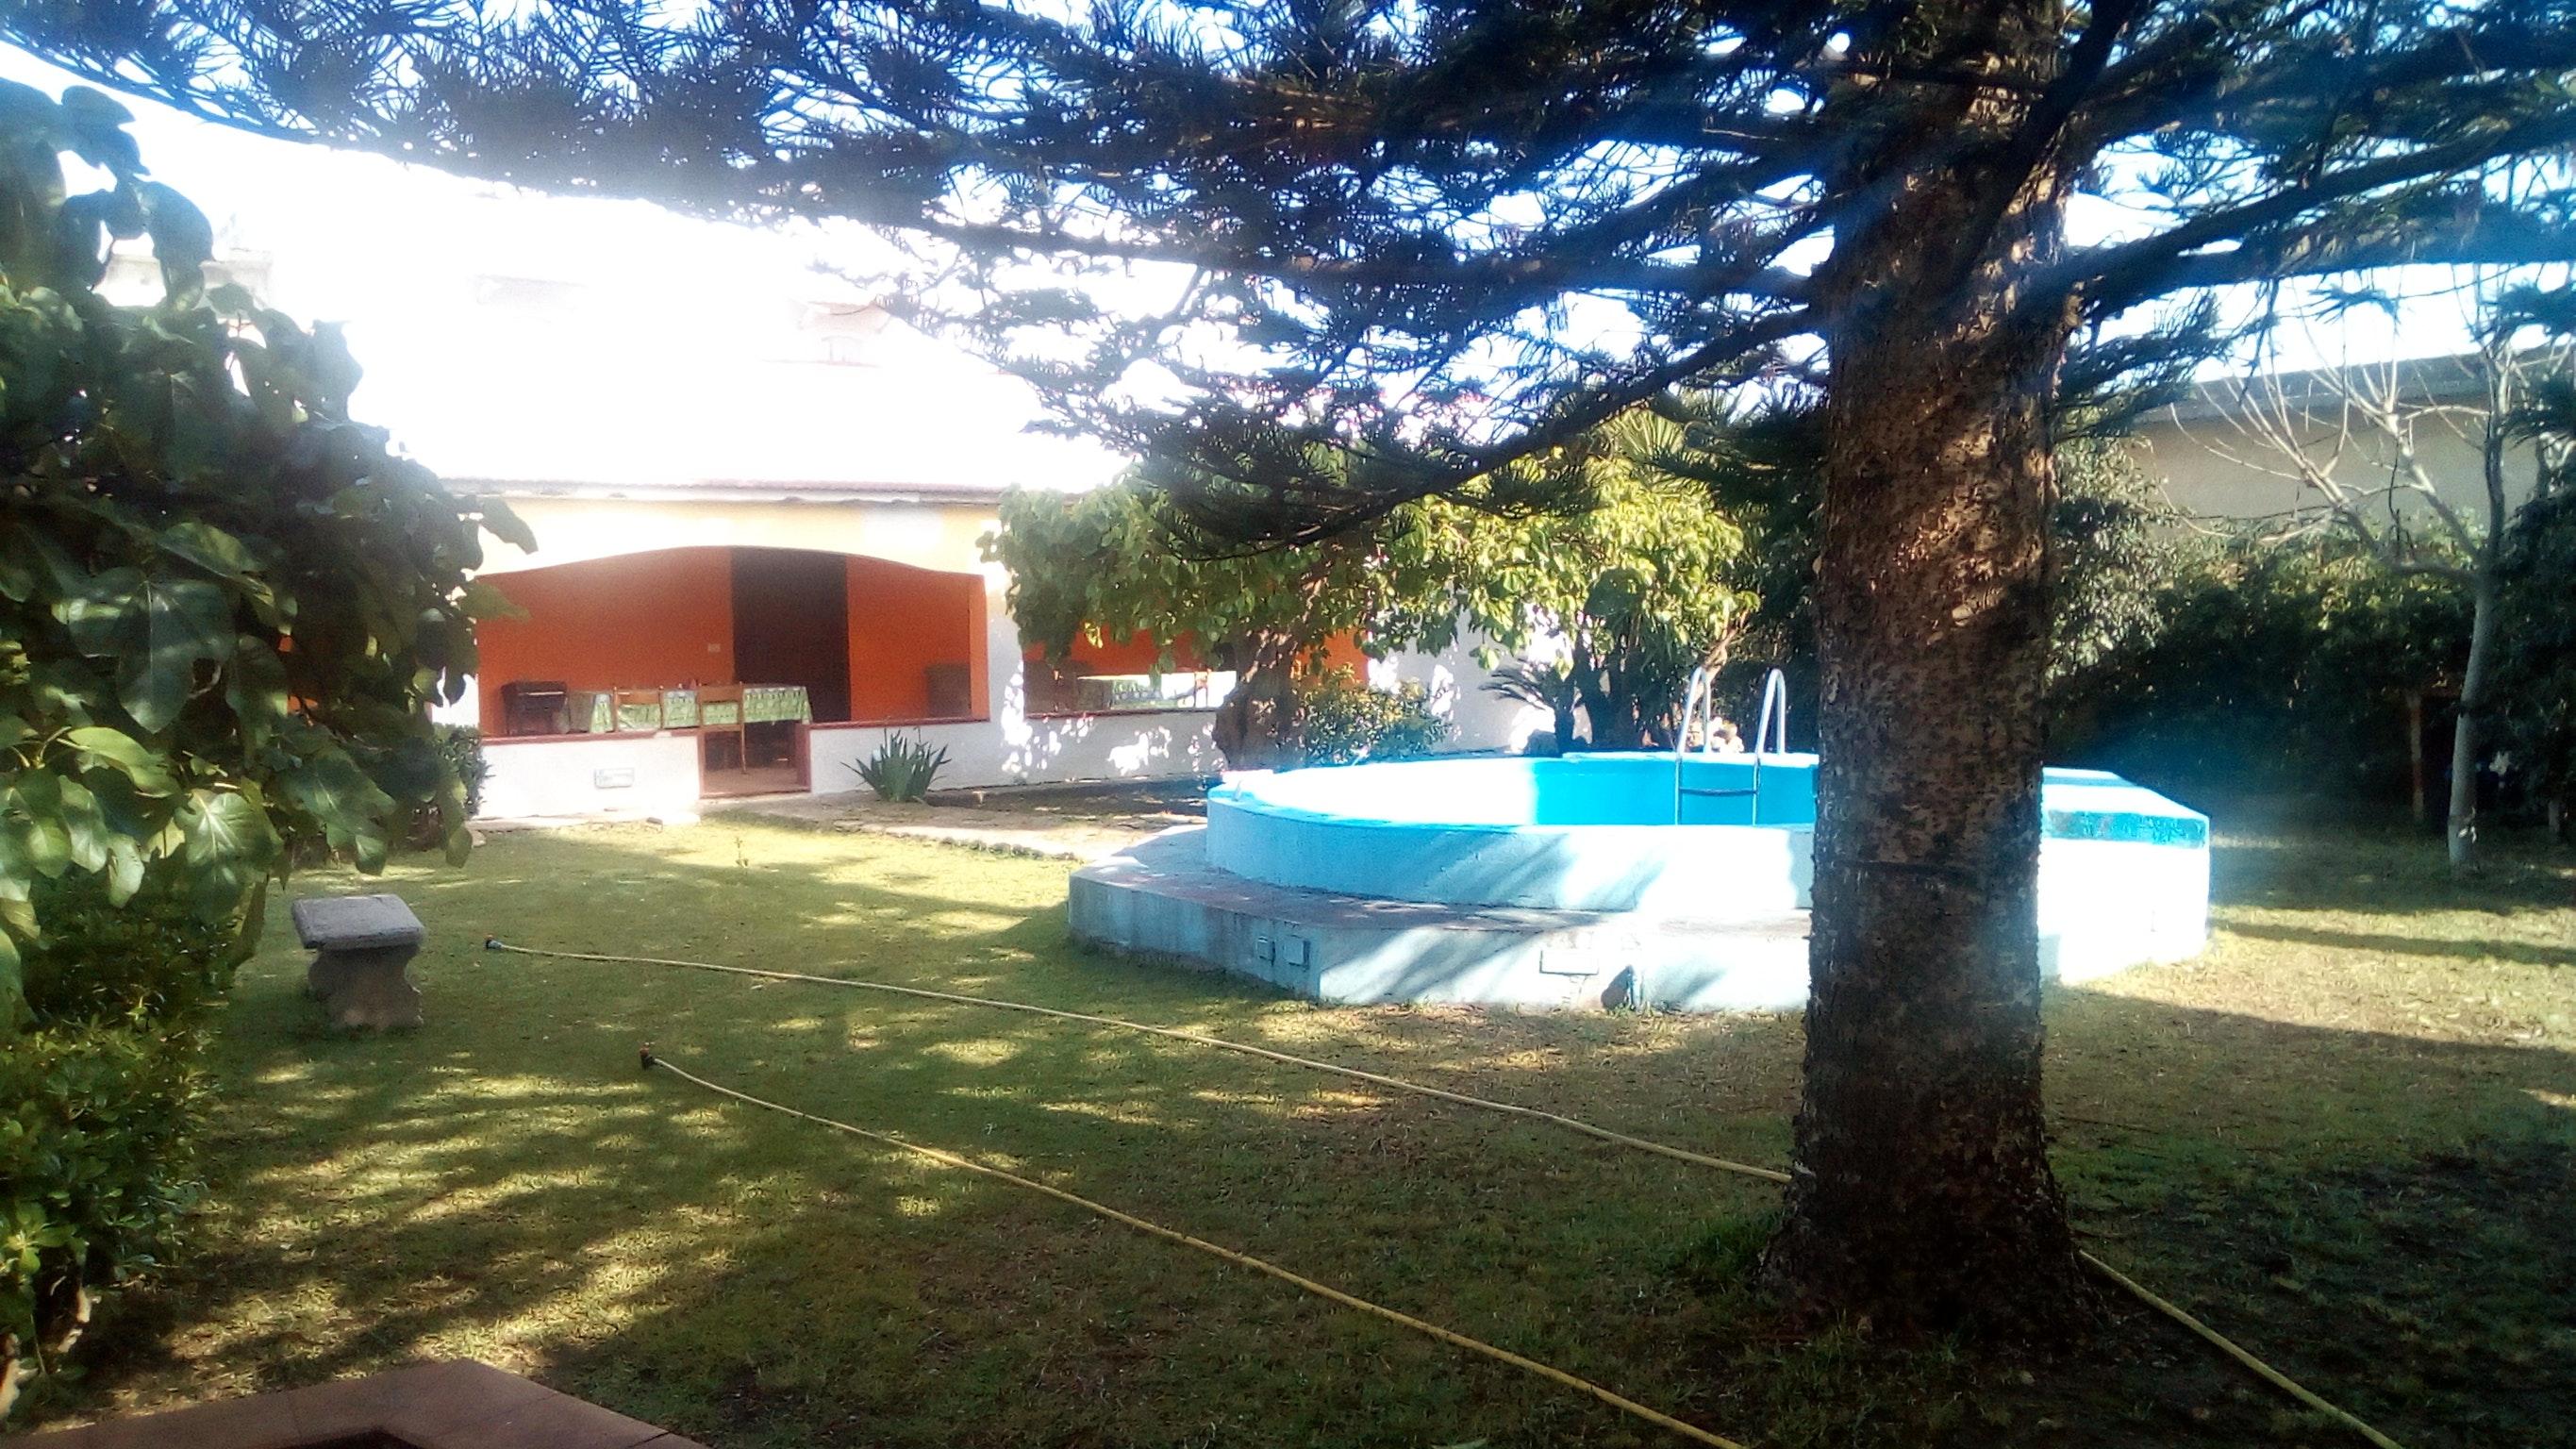 Appartement de vacances Studio in Cicirata mit herrlichem Meerblick, Pool, eingezäuntem Garten - 50 m vom Strand e (2339675), Avola, Siracusa, Sicile, Italie, image 2